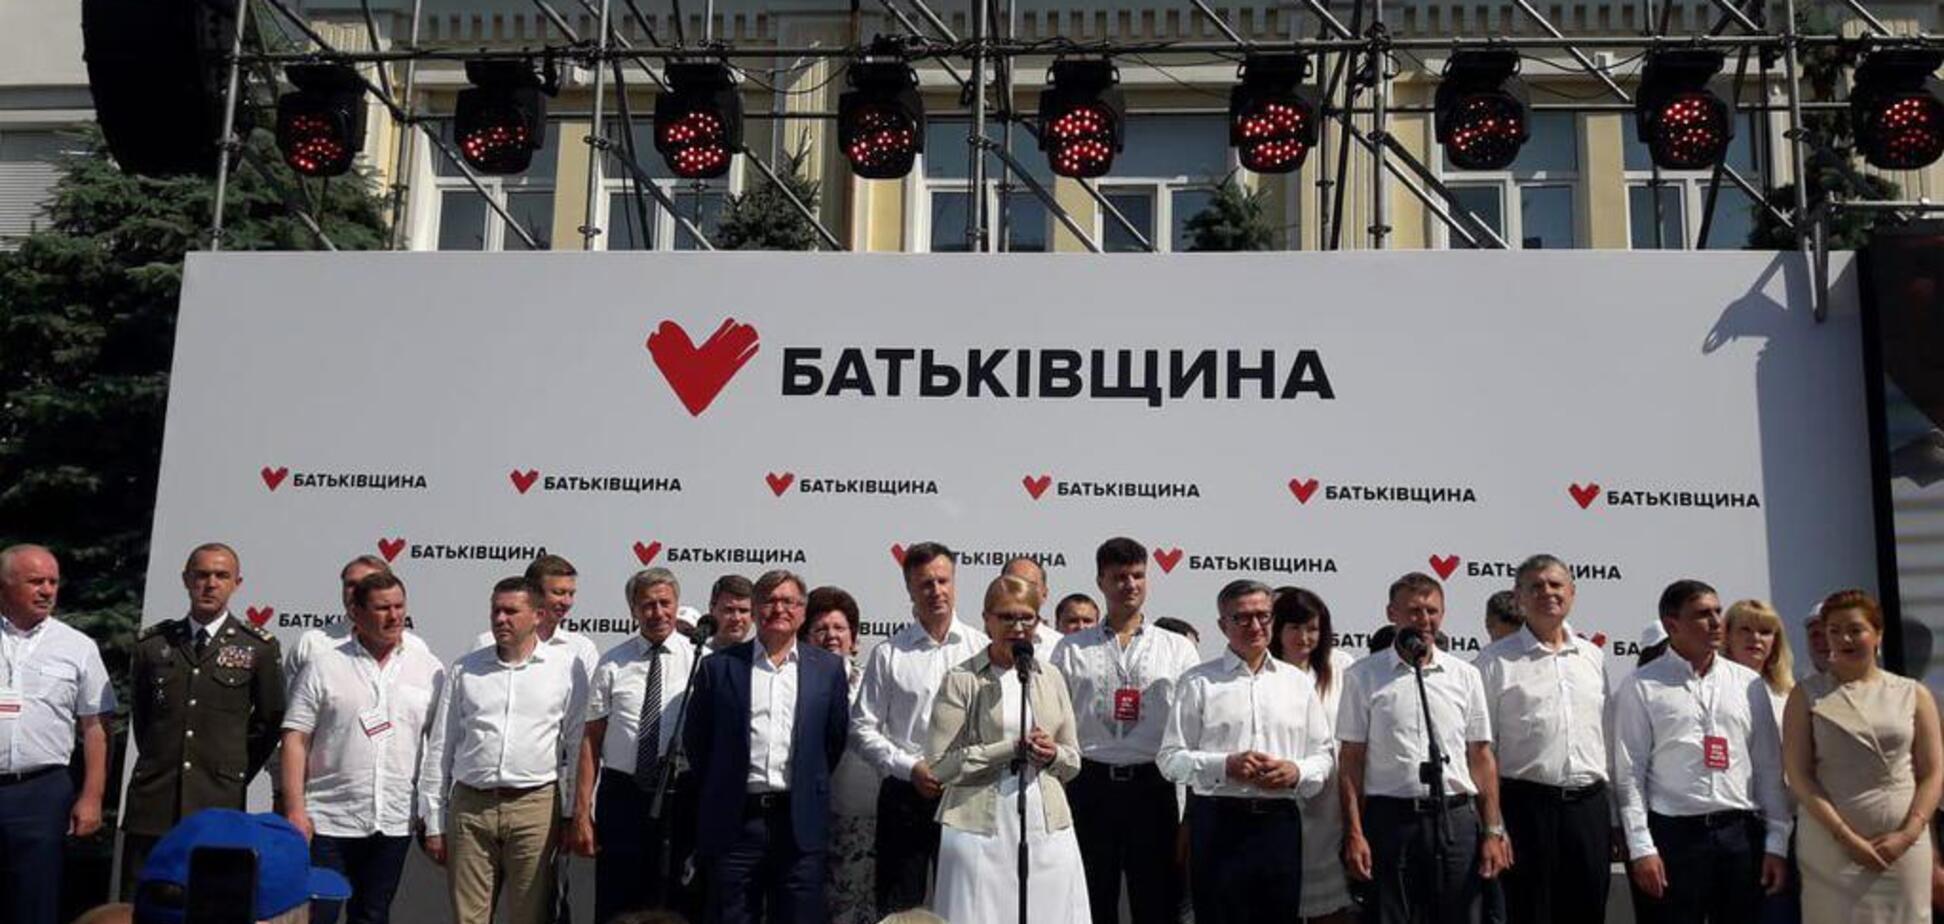 Съезд 'Батьківщини'